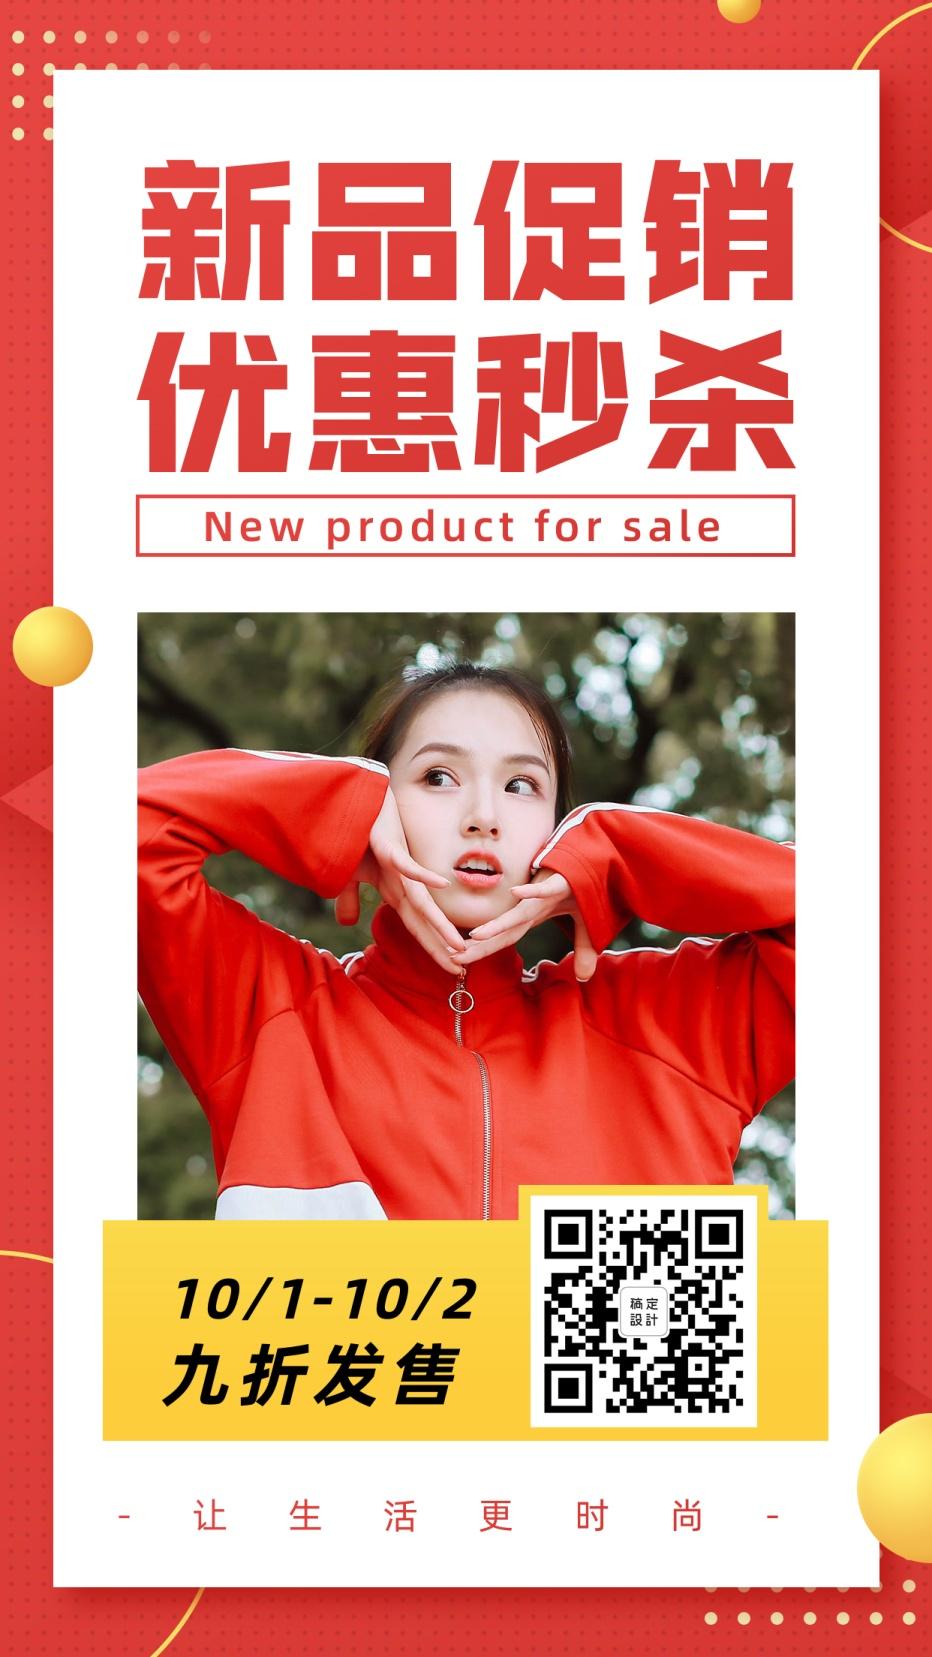 新品促销活动上新秒杀手机海报